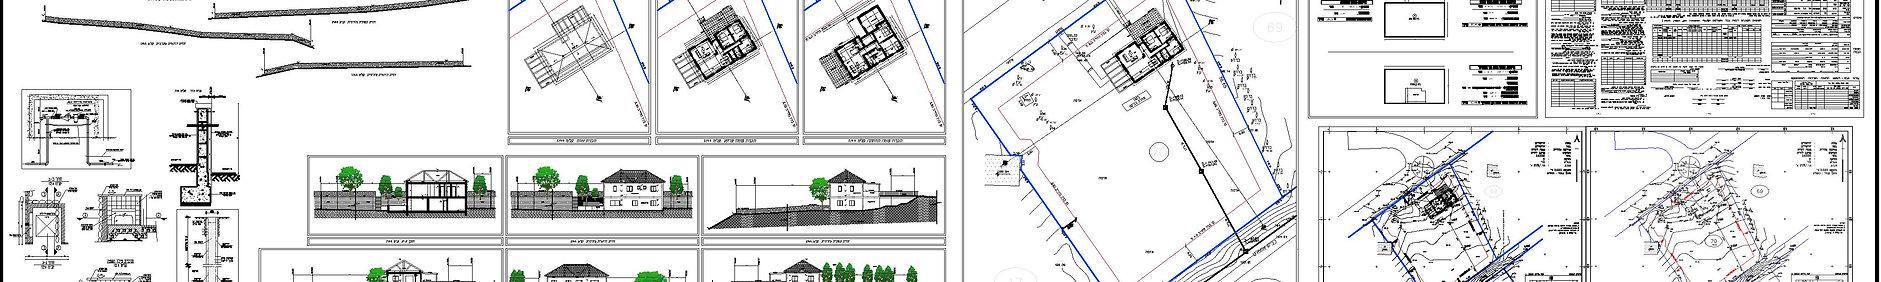 תכנית הגשה למבנה תעשיה לדוגמא